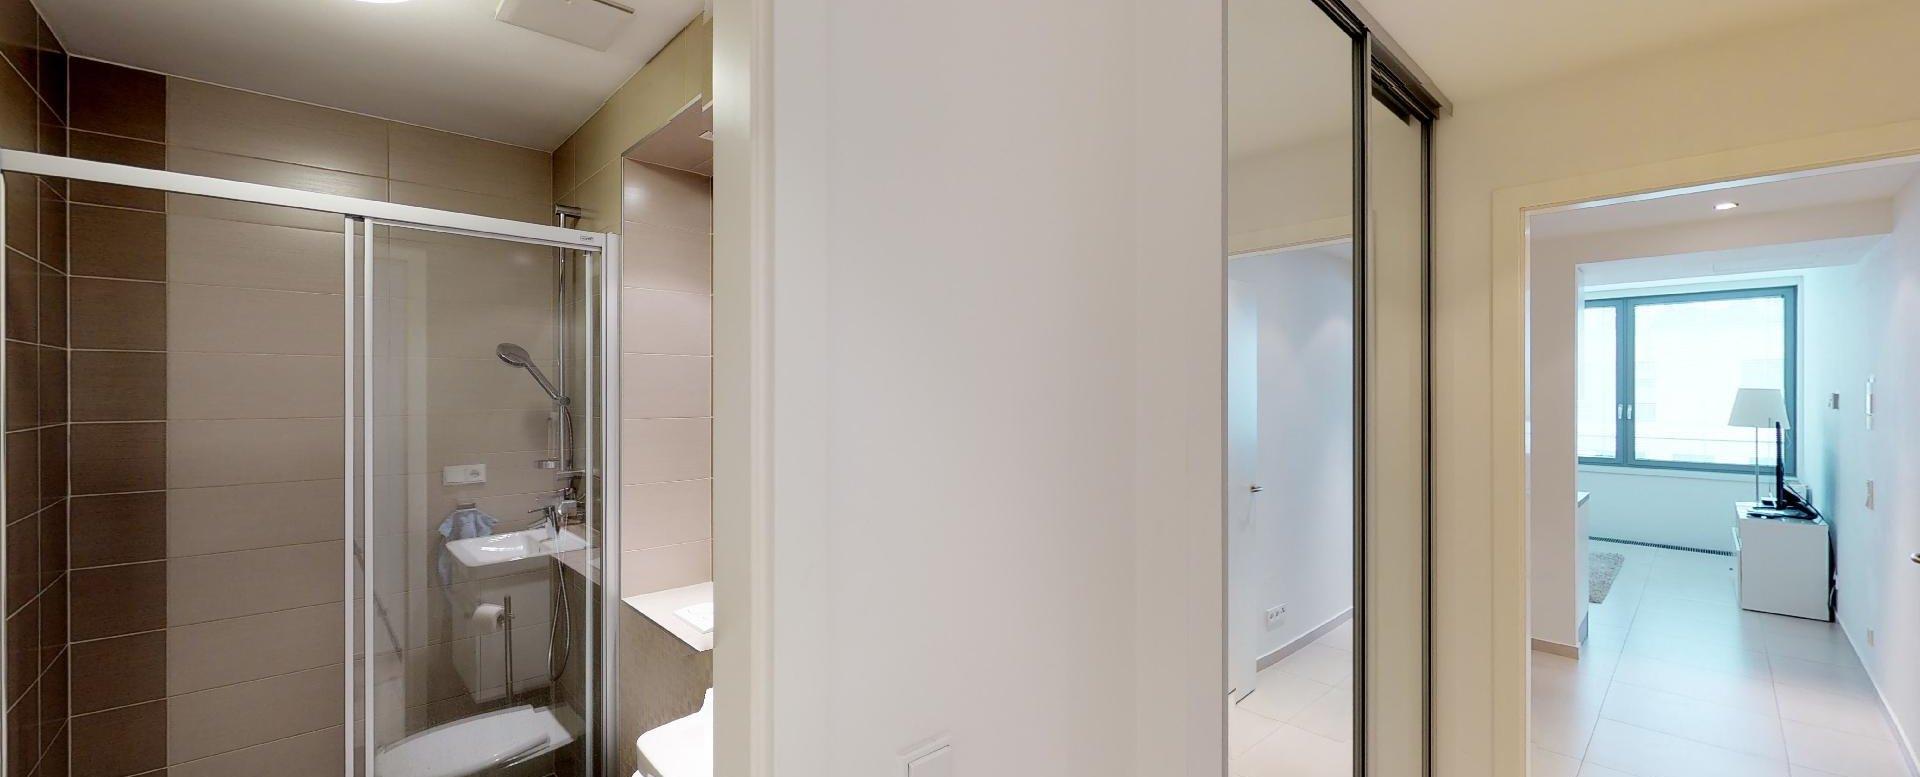 Kúpeľňa a chodba so stavanou skriňou v 2-izbovom byte v Eurovea Riverside